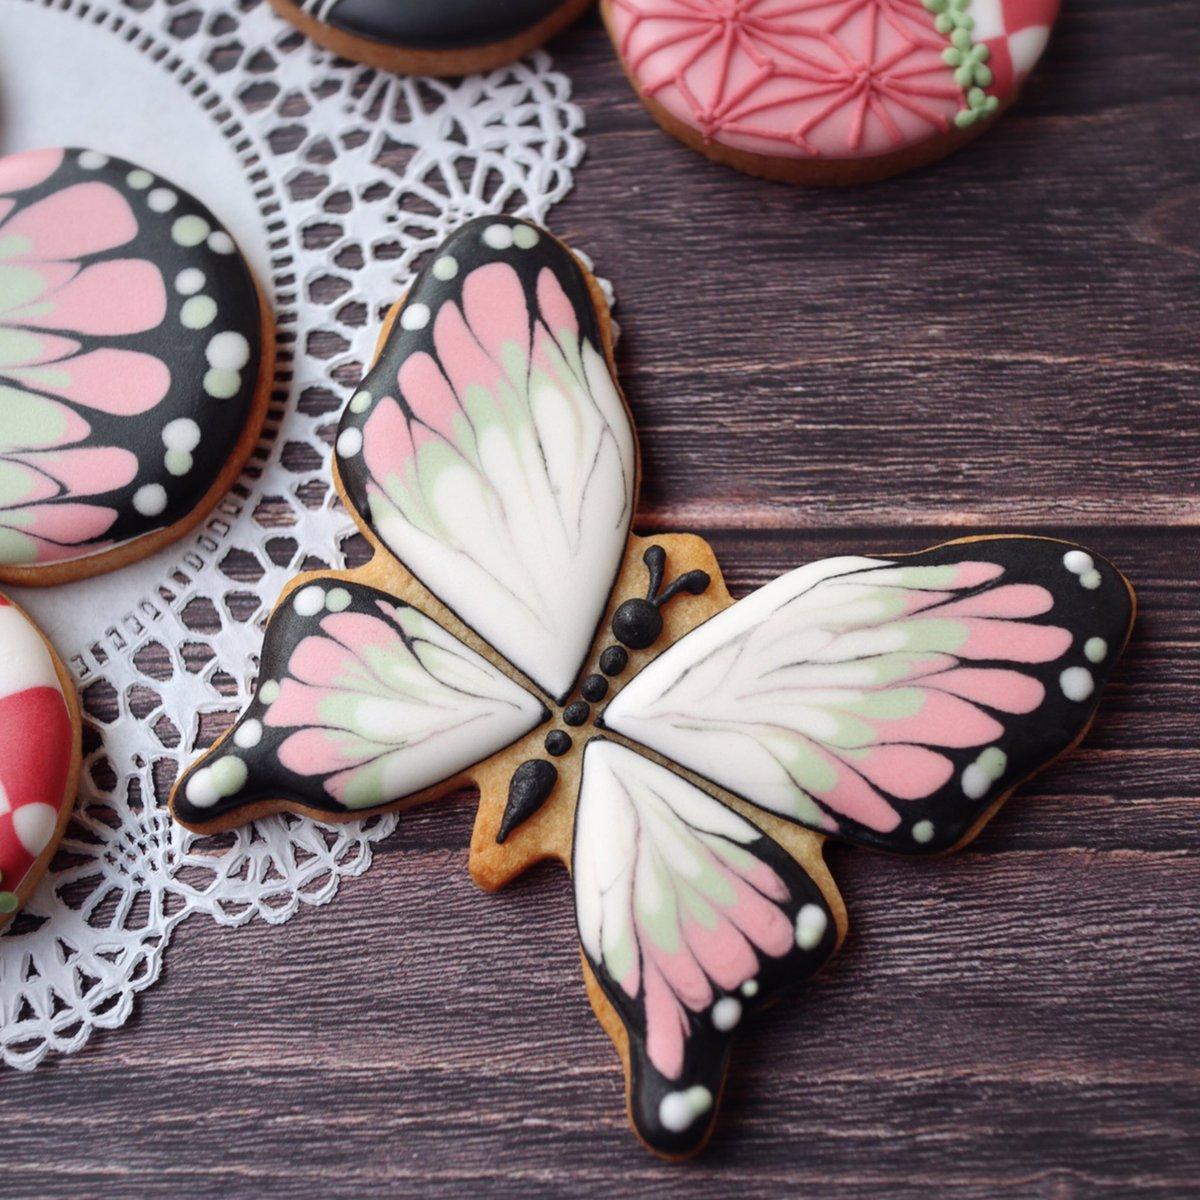 👹鬼滅の刃柄アイシングクッキー👹先日小学5年生に「胡蝶しのぶに似とる!」と言われまして。調子に乗ってクッキーを作ってみました。柄だけですが。。。和柄の練習になって、とても良かったです。どこが似てるのか聞きましたら【たたずまい】だそうです。見た目ちゃうんかい( ¯•ω•¯ )